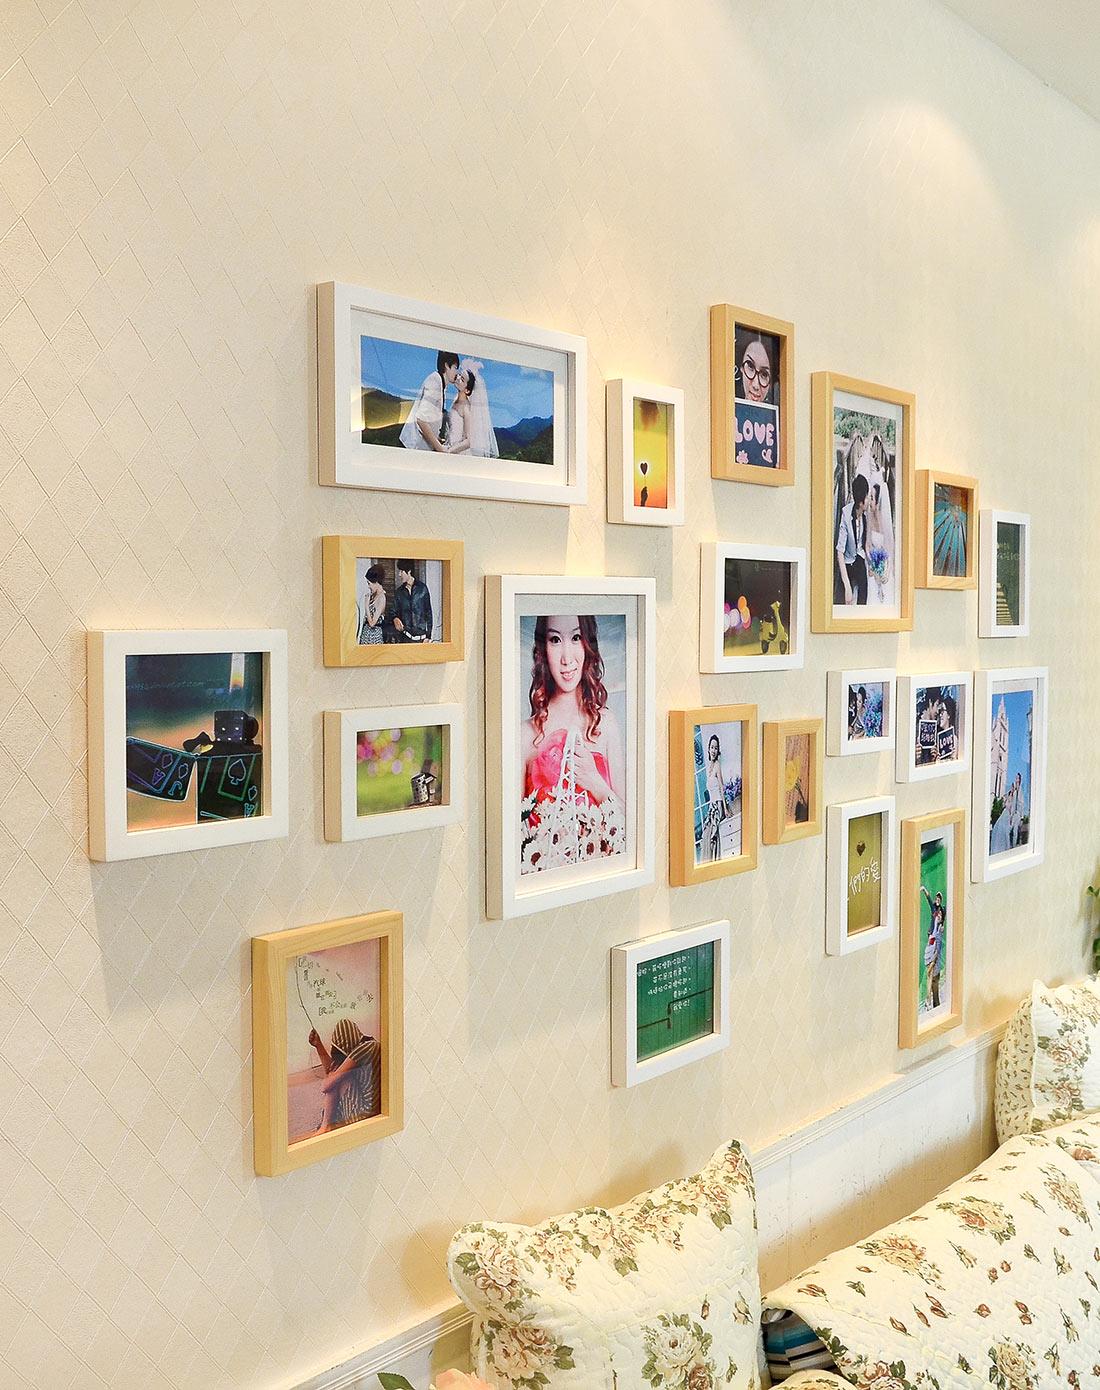 20框适合结婚照的照片墙组合